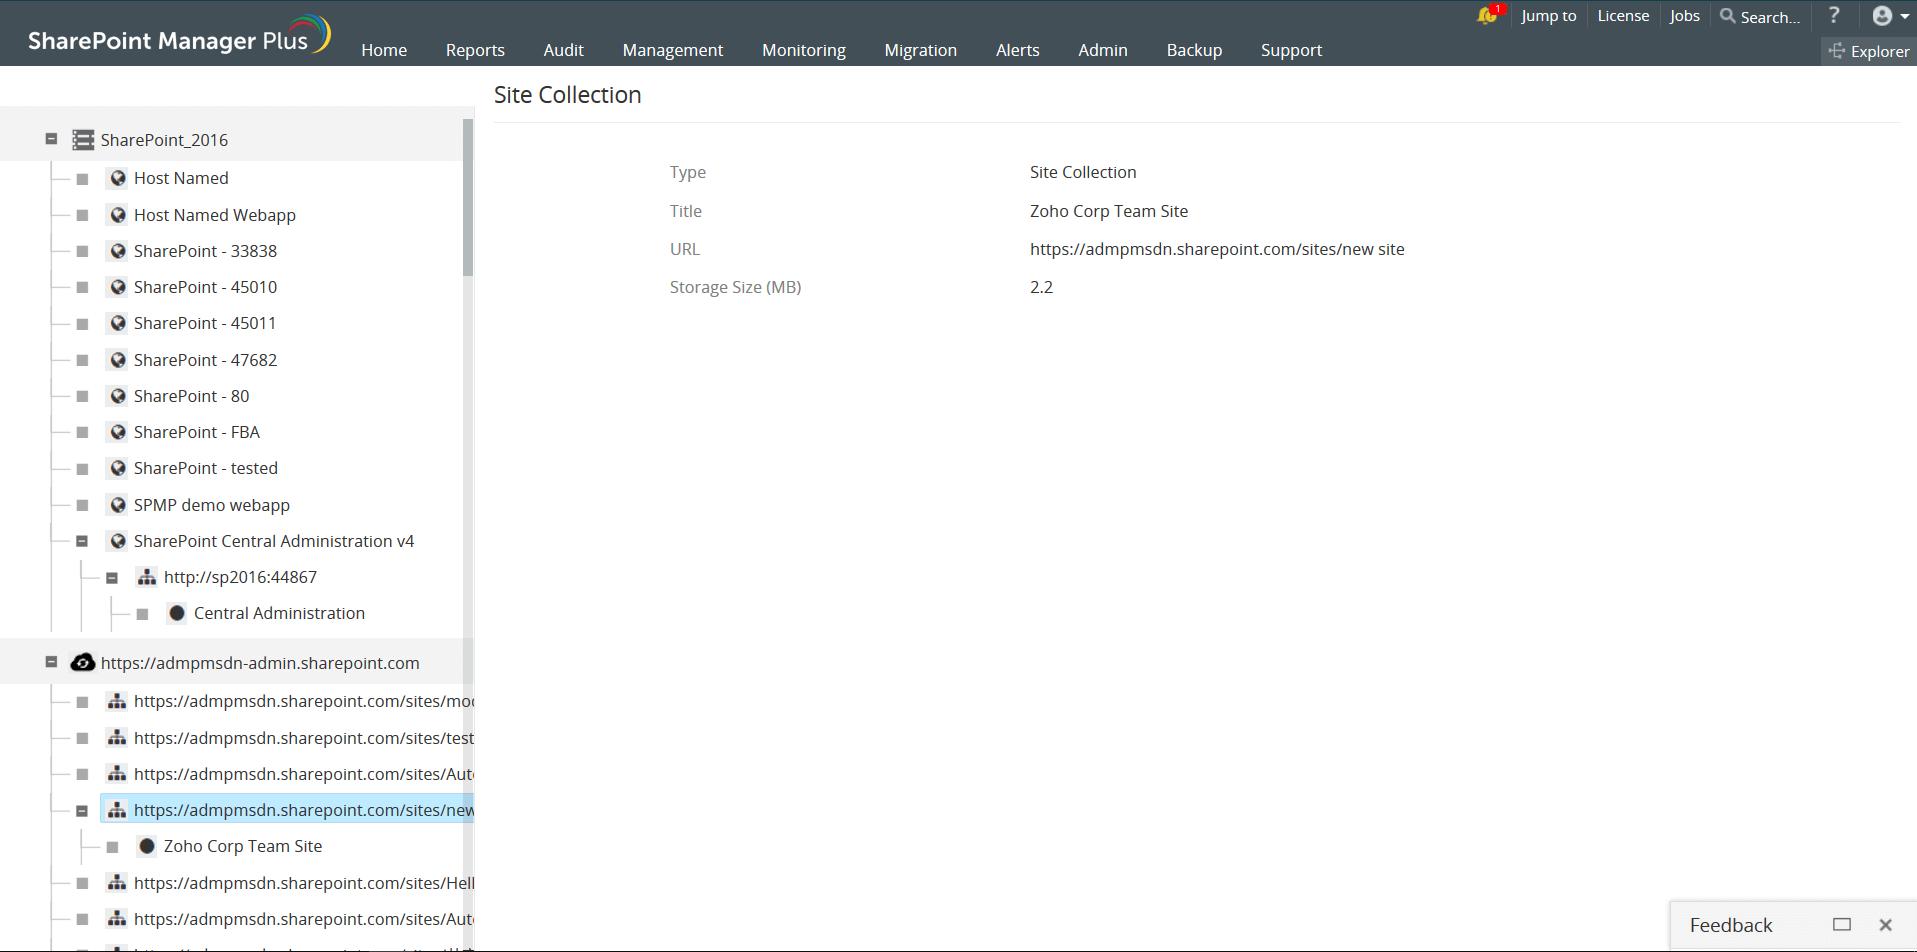 Εξερεύνηση της υποδομής του SharePoint